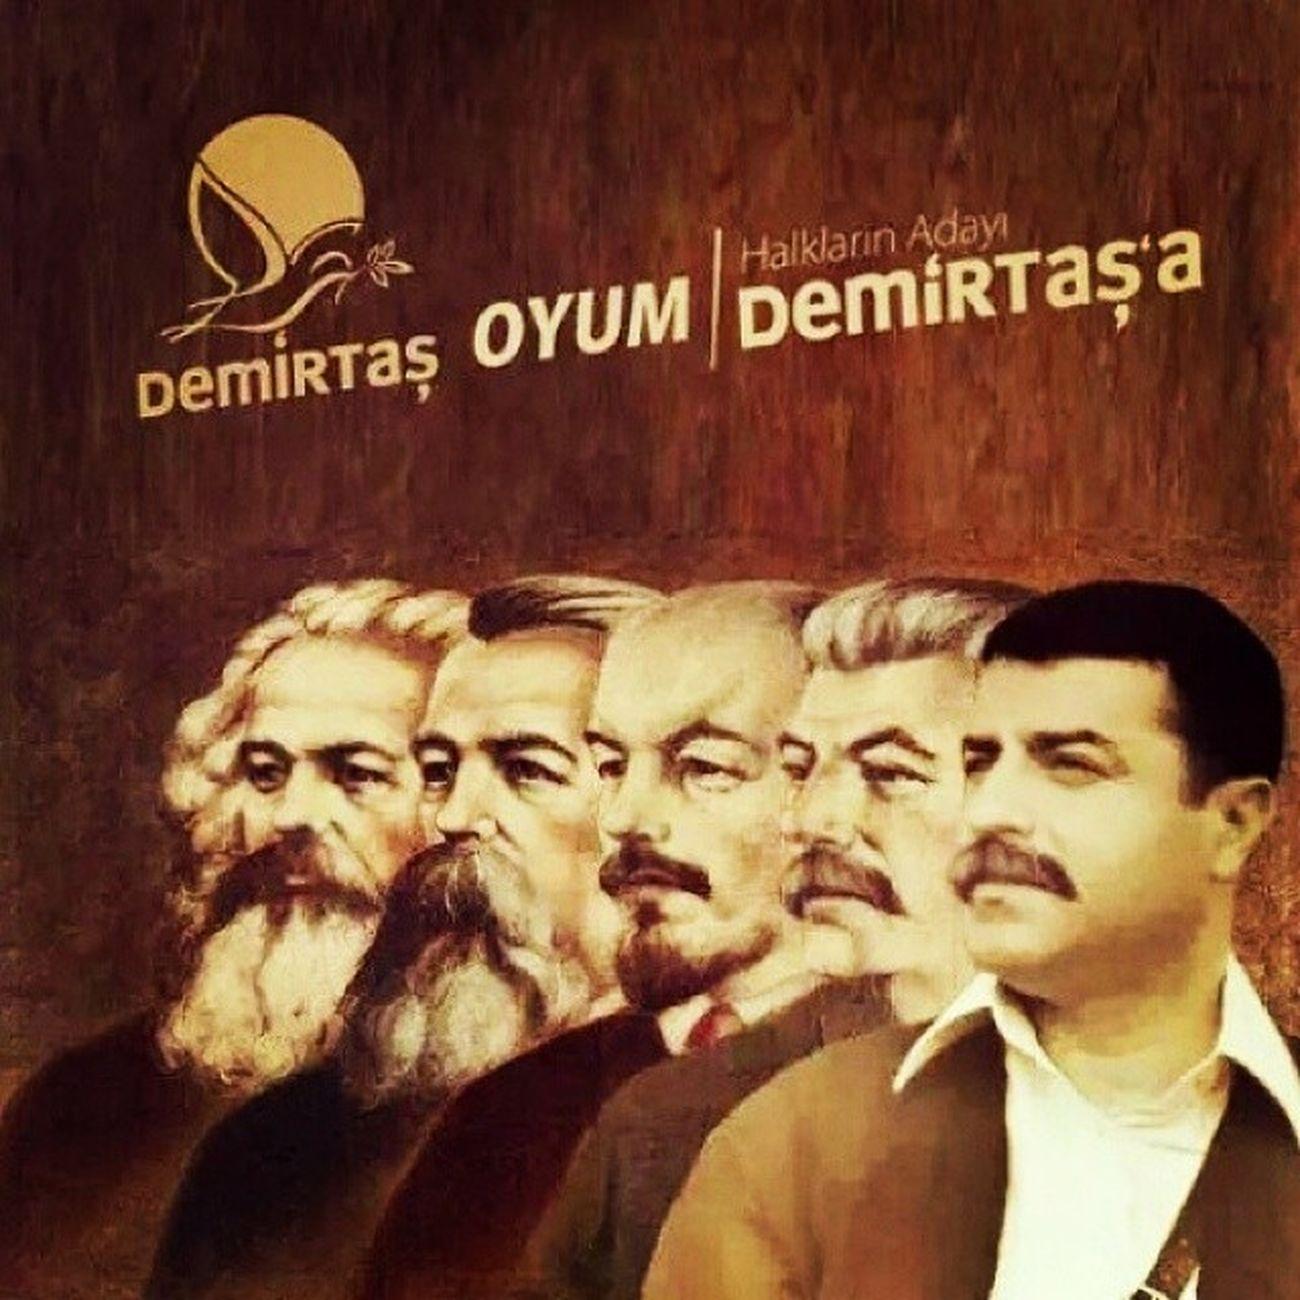 HDP Selahattindemirtas Oyumdemirtaşa Halklarınadayı cumhurbaşkanlığı seçim halklarınkardeşliği selo demokrasi dayatmayahayır özgürlük insanhakları